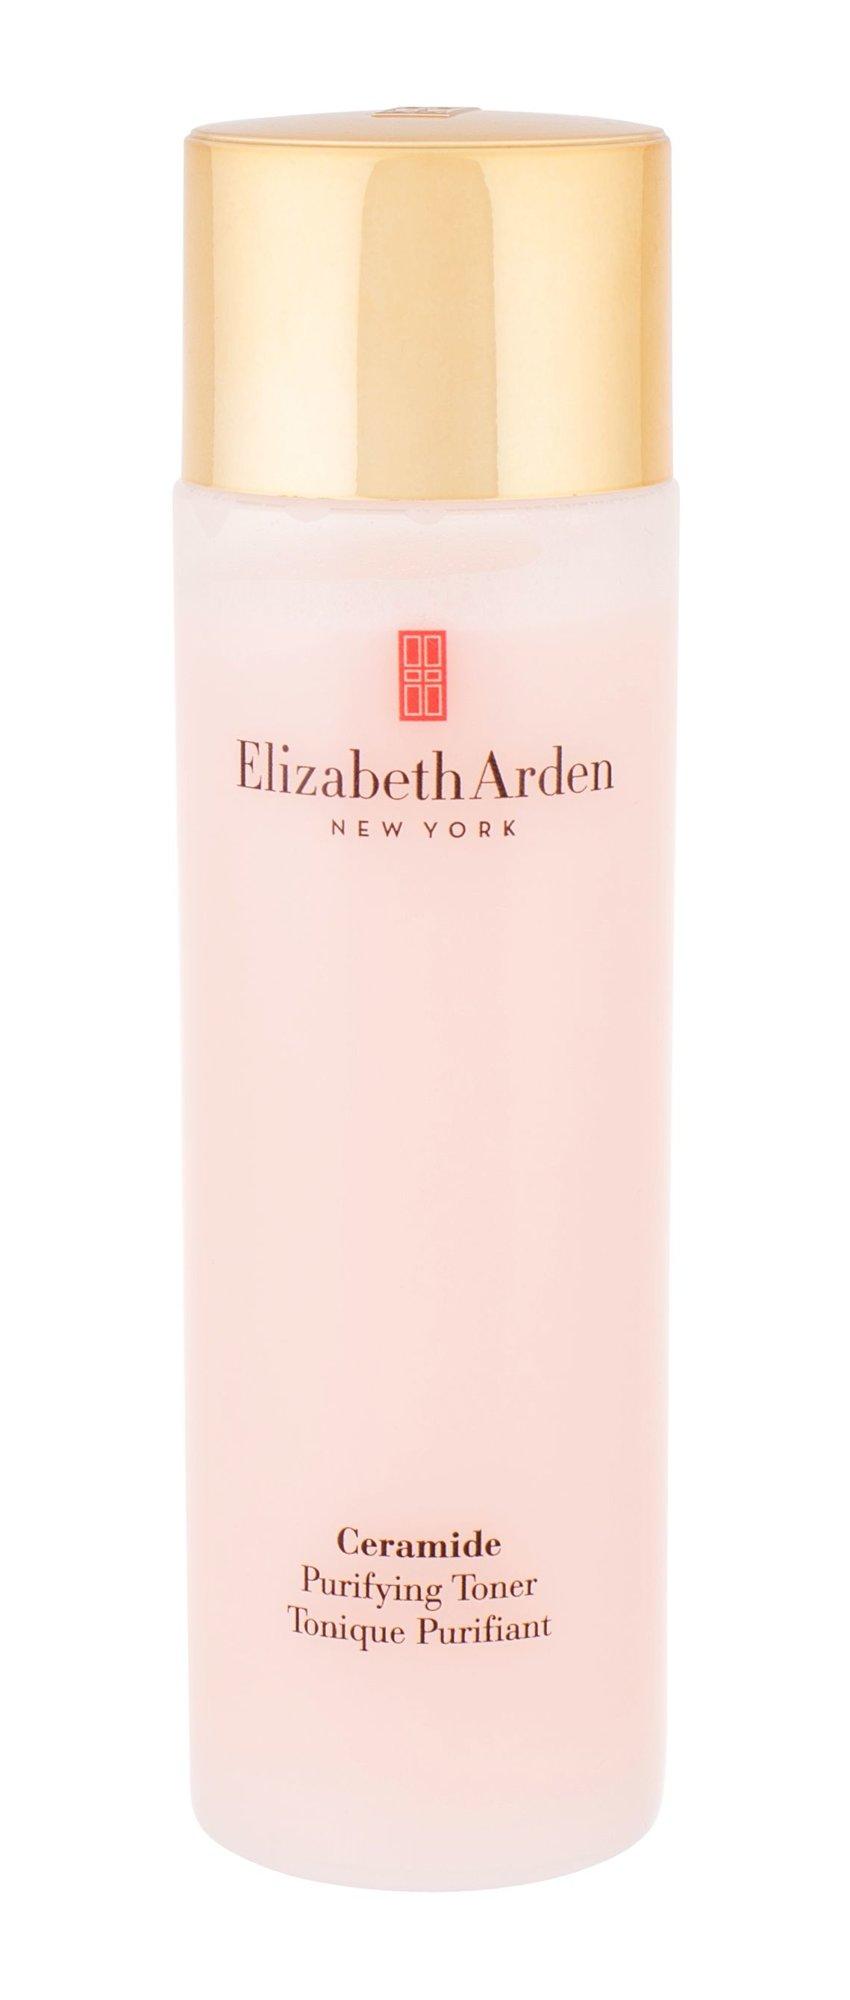 Elizabeth Arden Ceramide Cosmetic 200ml